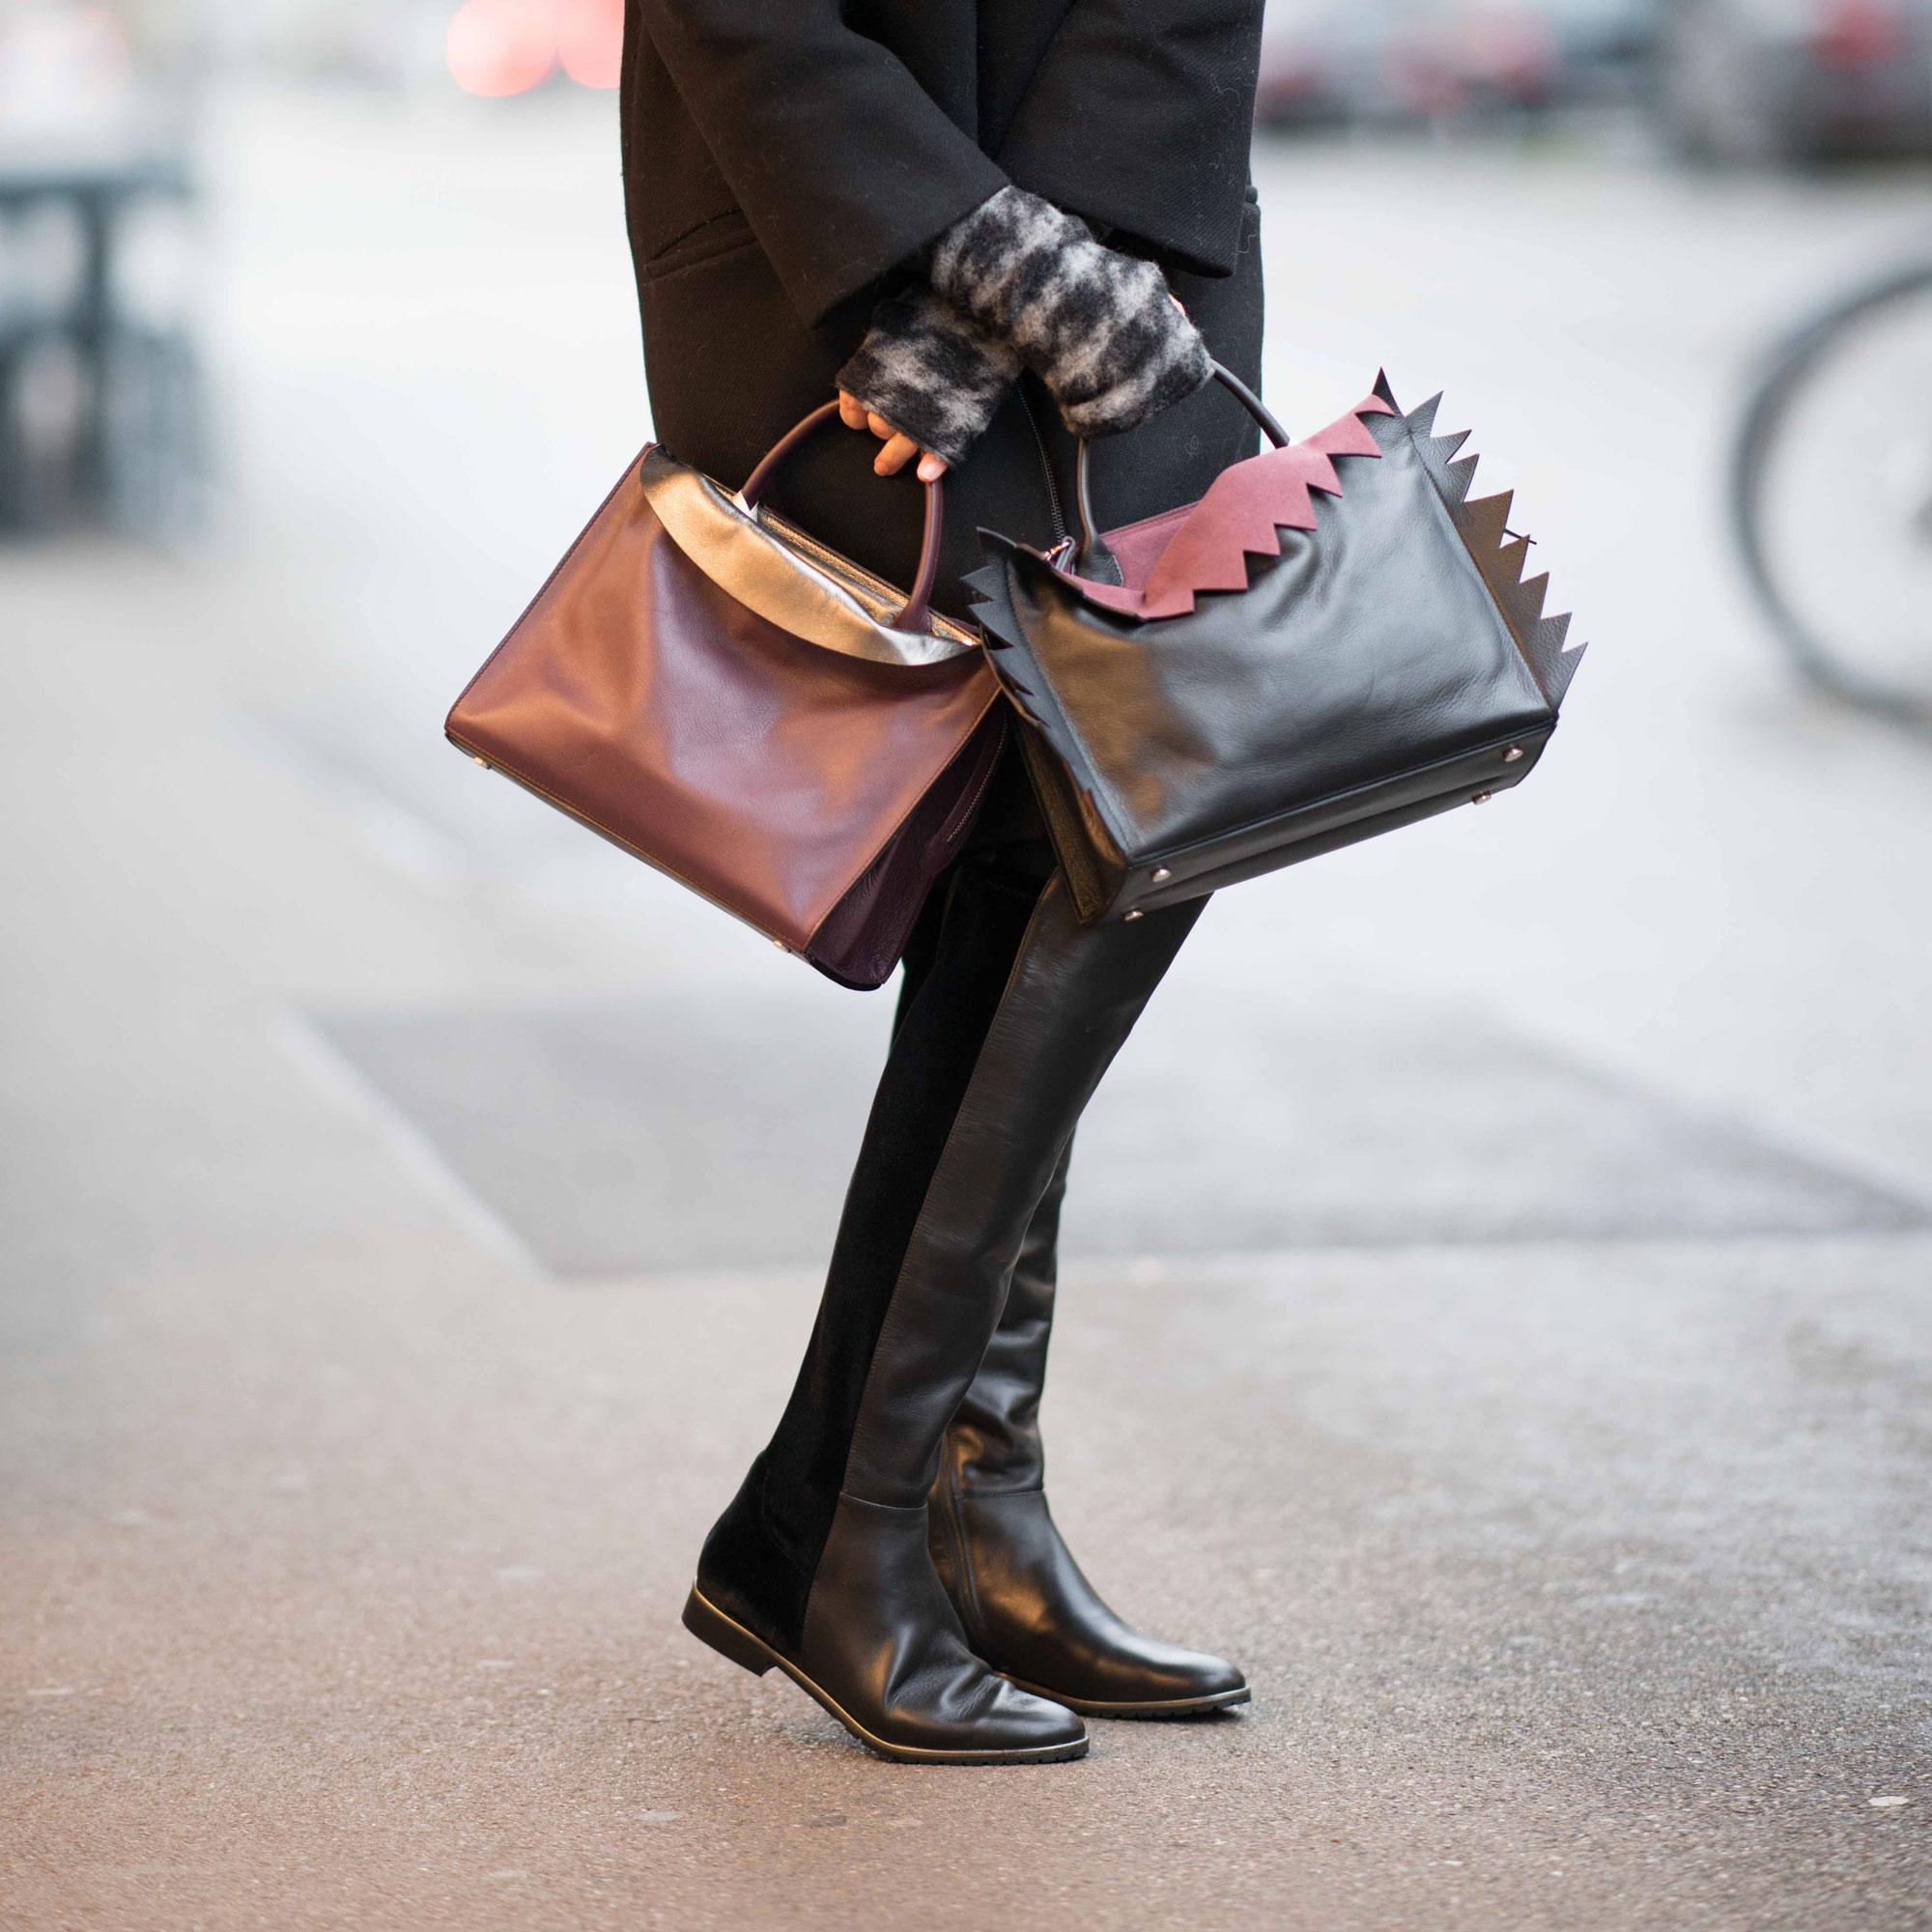 Handtaschen violette, schwarz